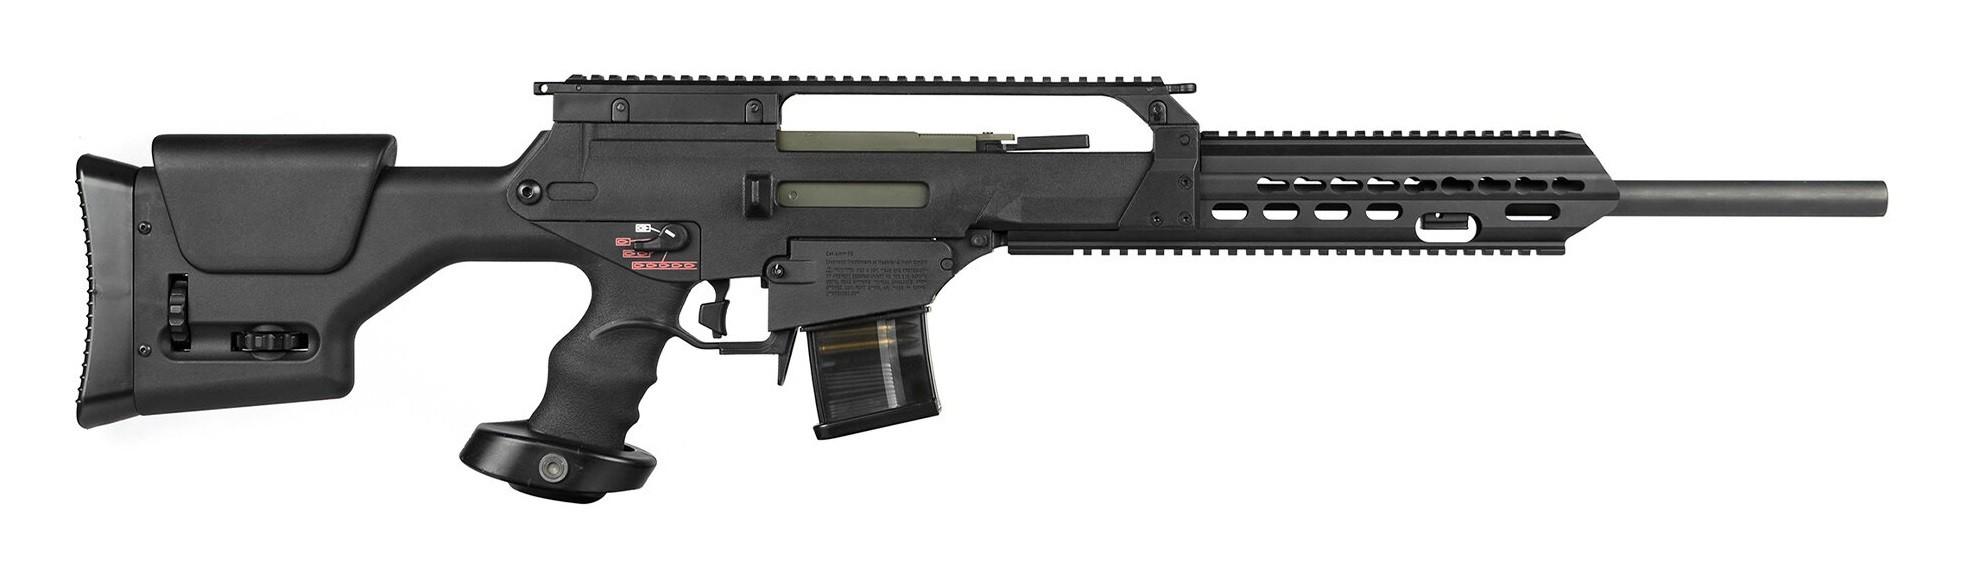 Arès - carabine SL-10 Tactical longue AEG - ECU - Noire (1.3 joules)